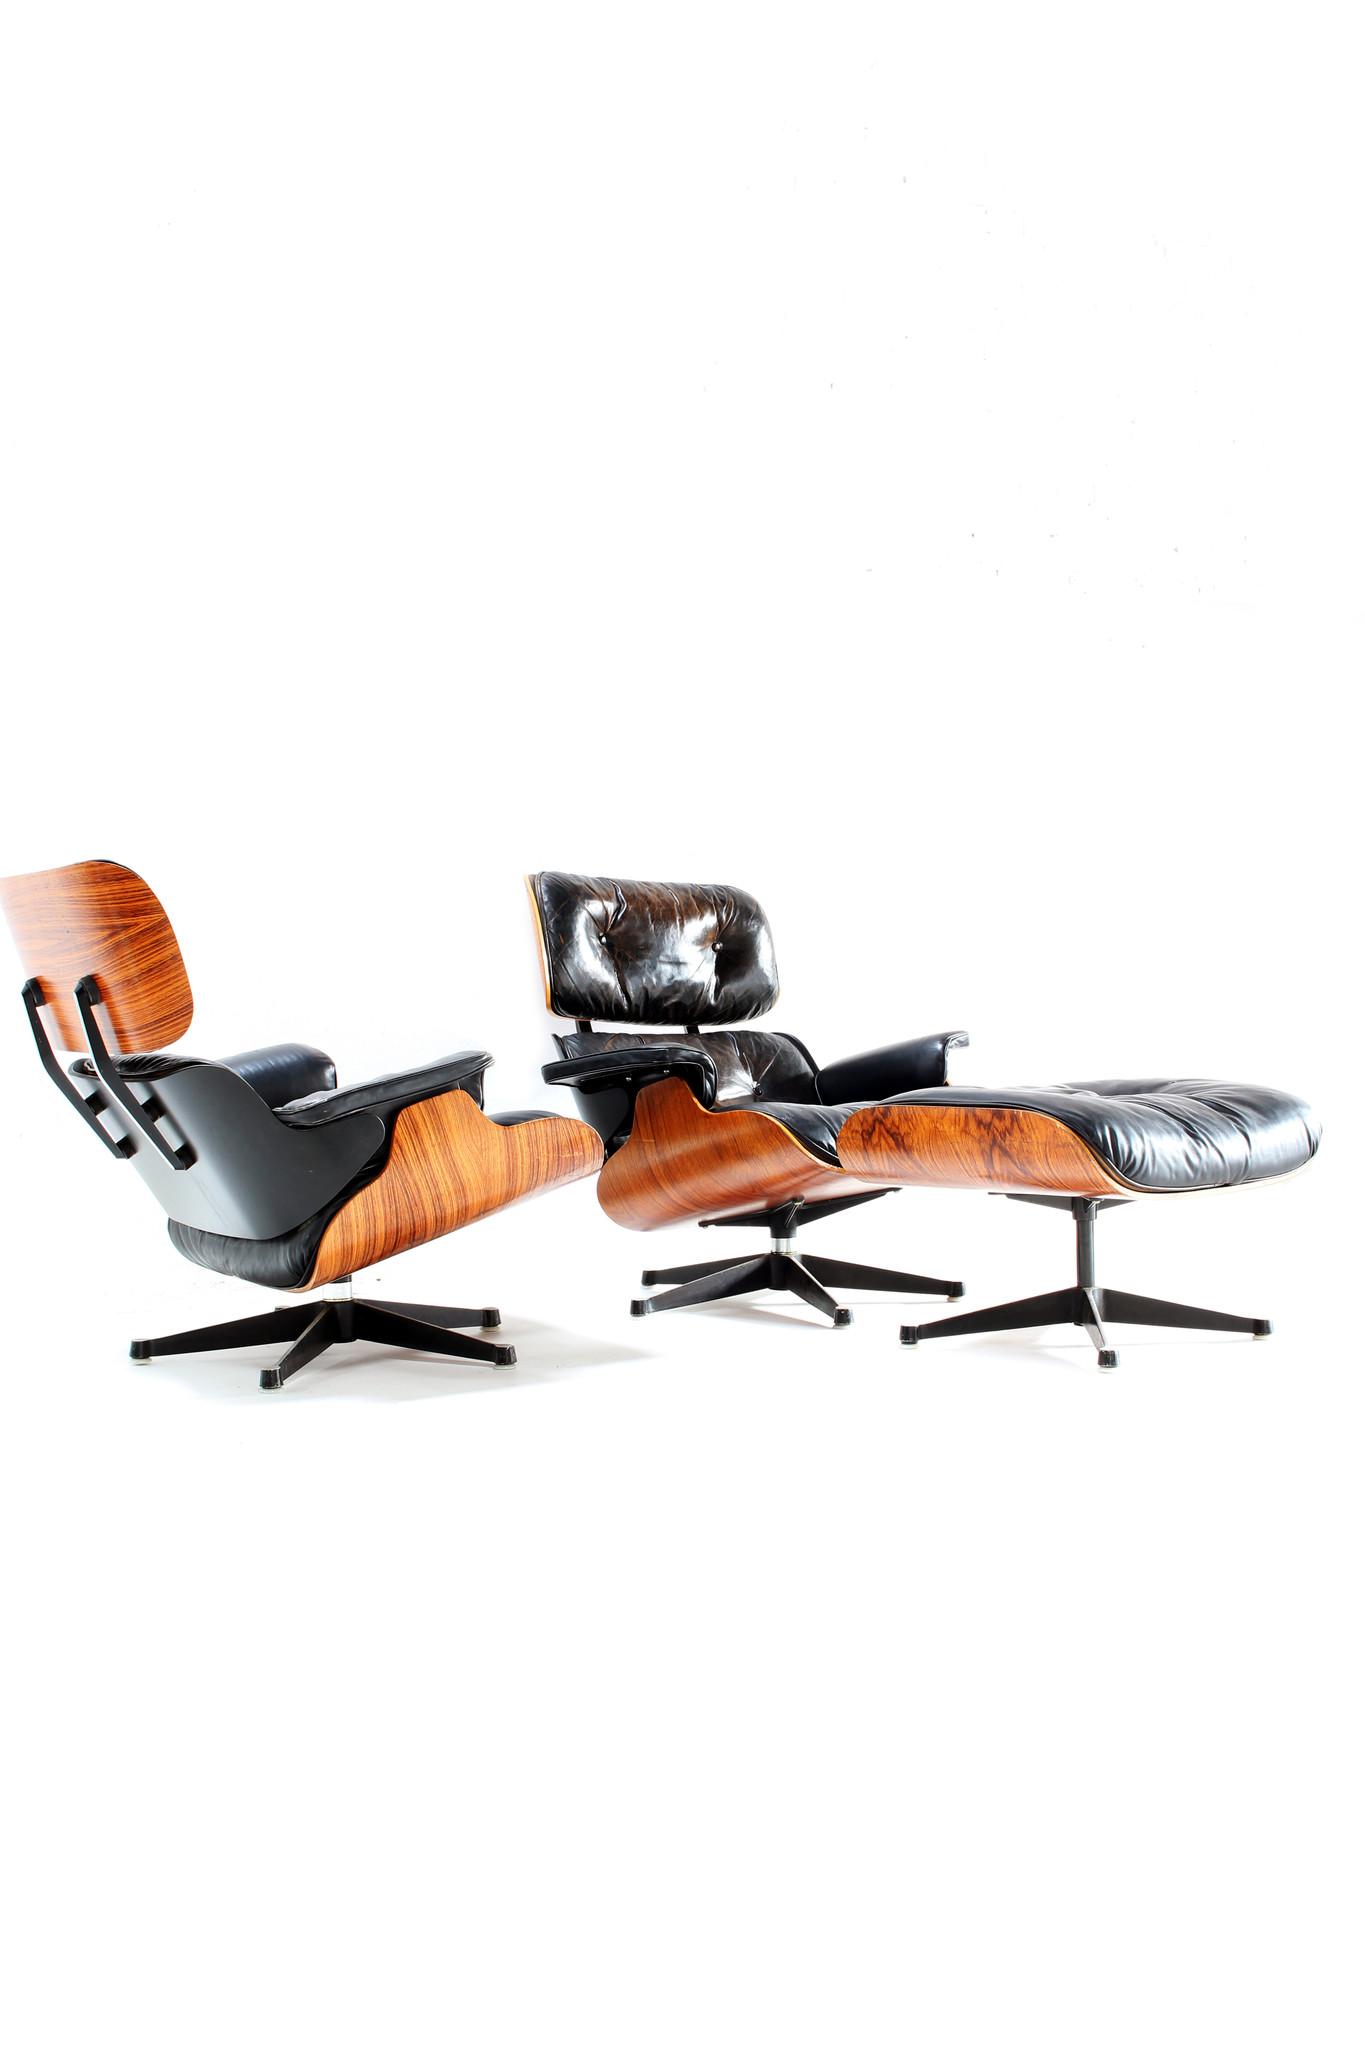 Charles eames Lounge set